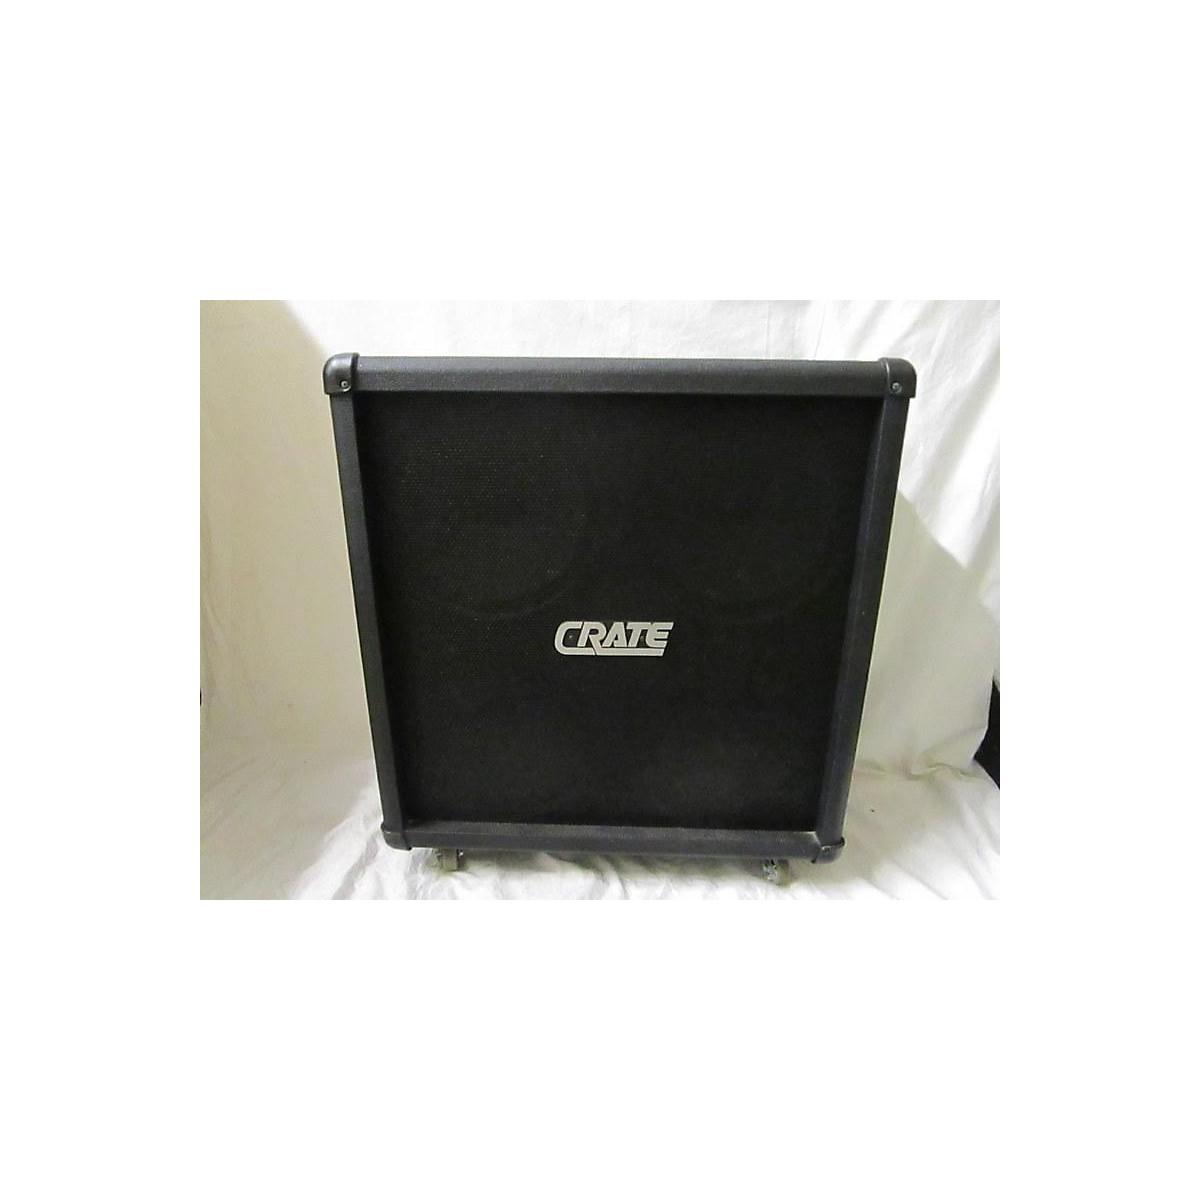 Crate GX412 4X12 Guitar Cabinet